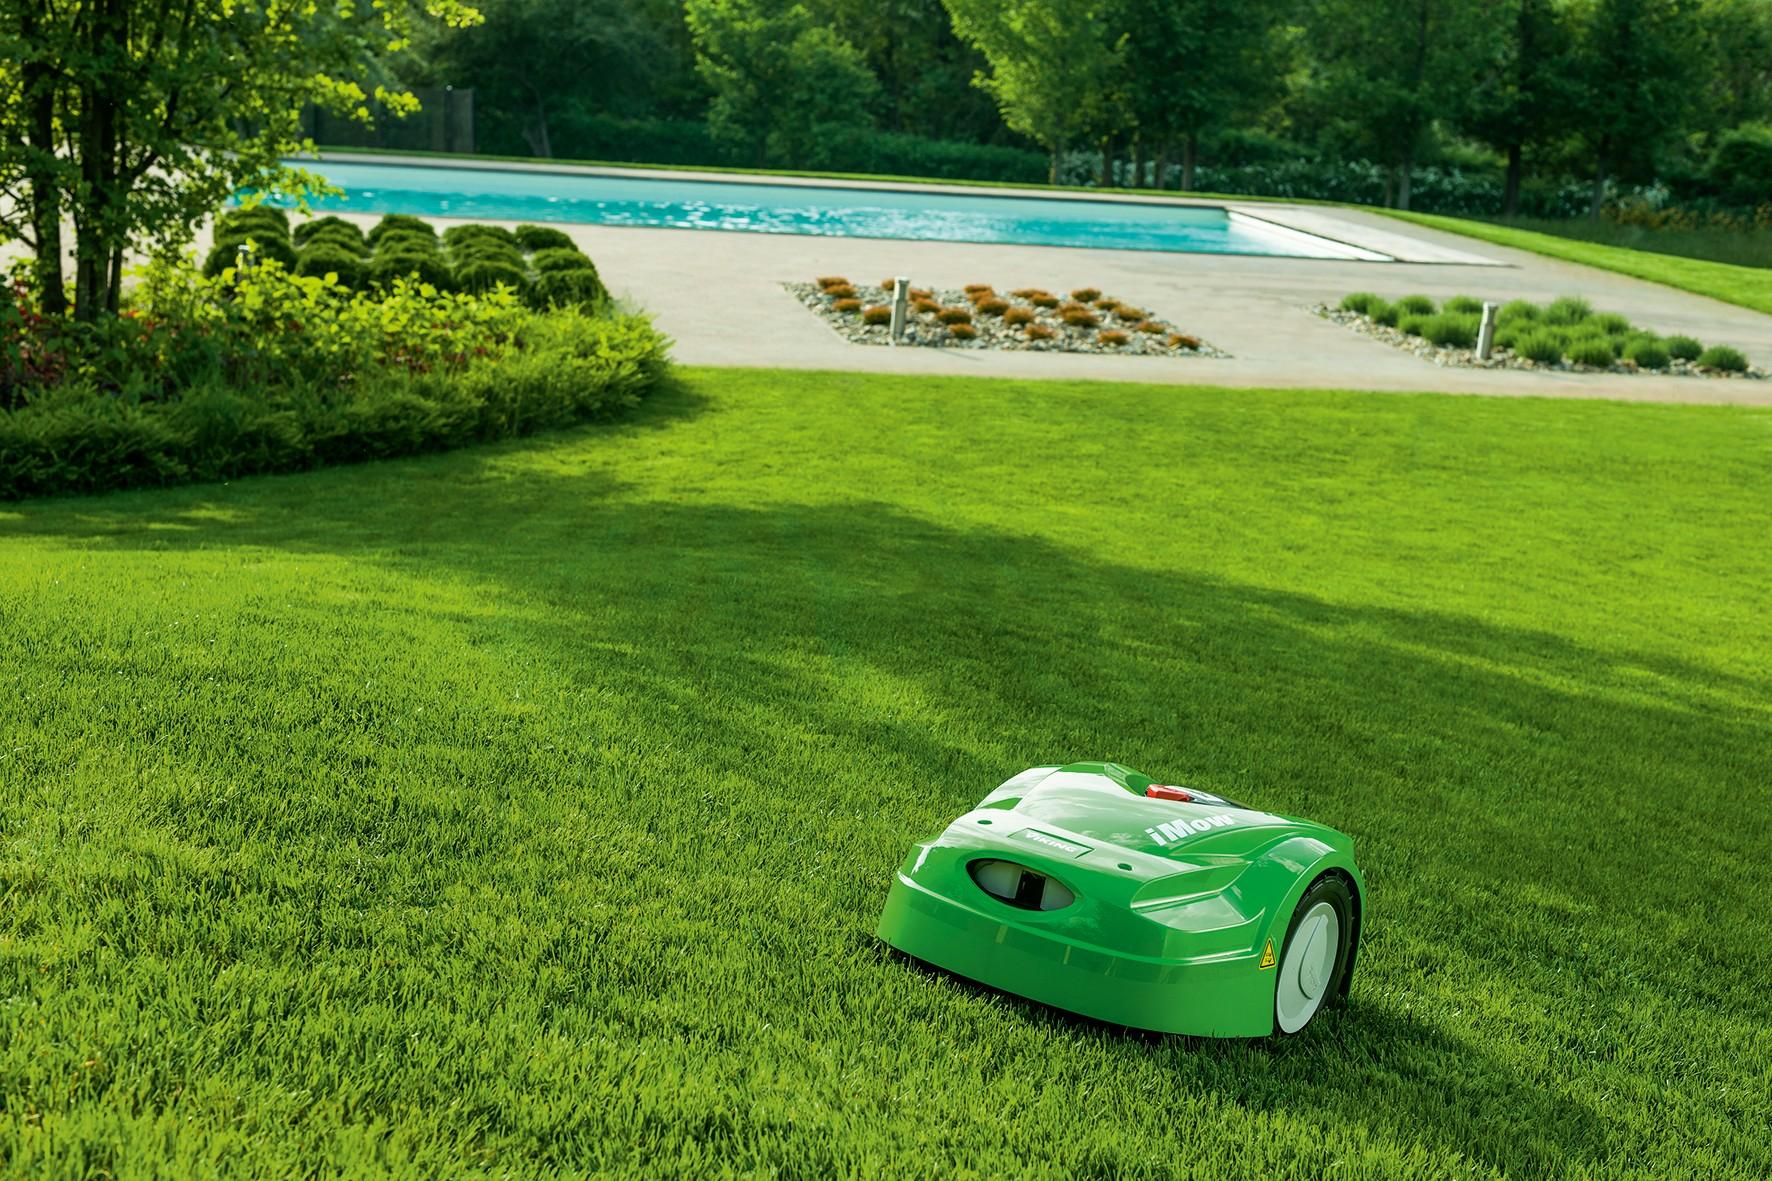 tonte-pelouse-tondeuse-autonome-robot-automower_marque-viking_par-nature-et-jardin-paysagistes-des-hauts-de-france_1772x1181px